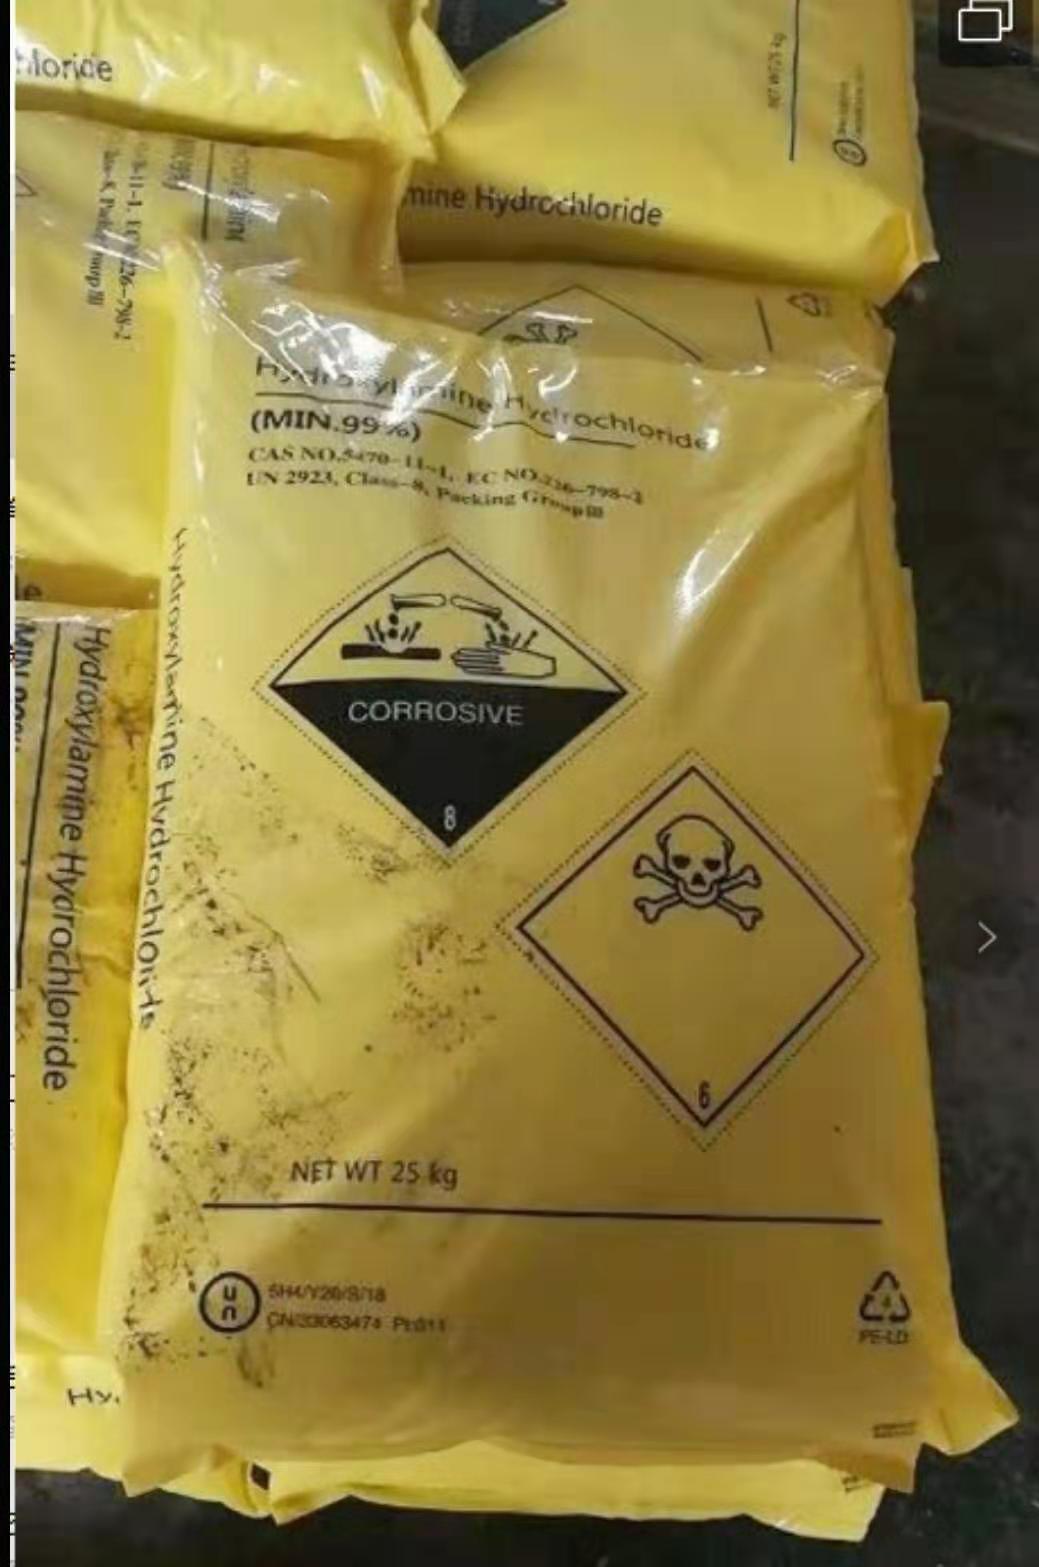 推薦鹽酸羥胺廠家-廠家推薦安全的鹽酸羥胺